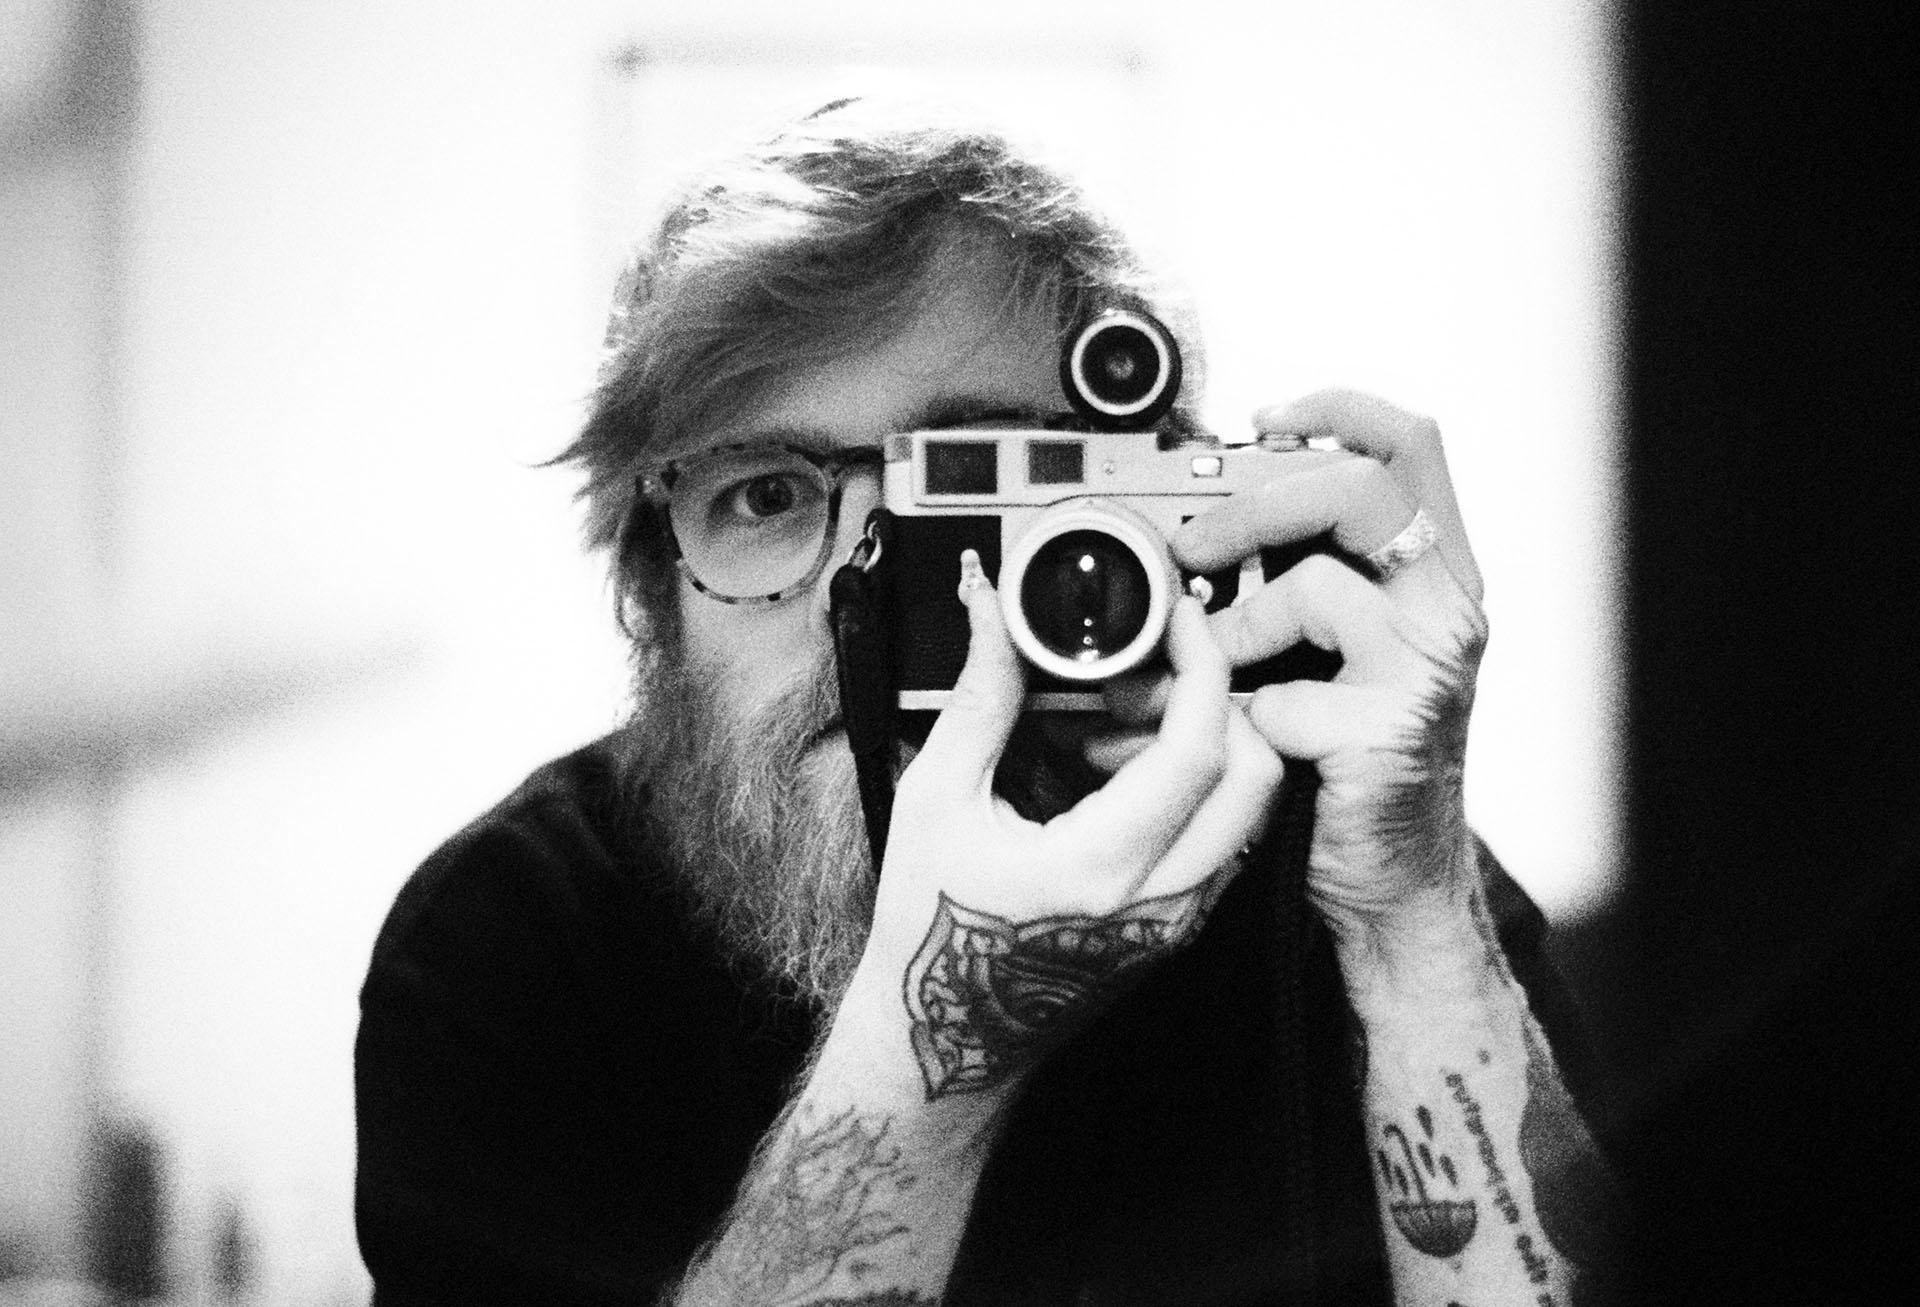 Glasgow 35mm self portrait